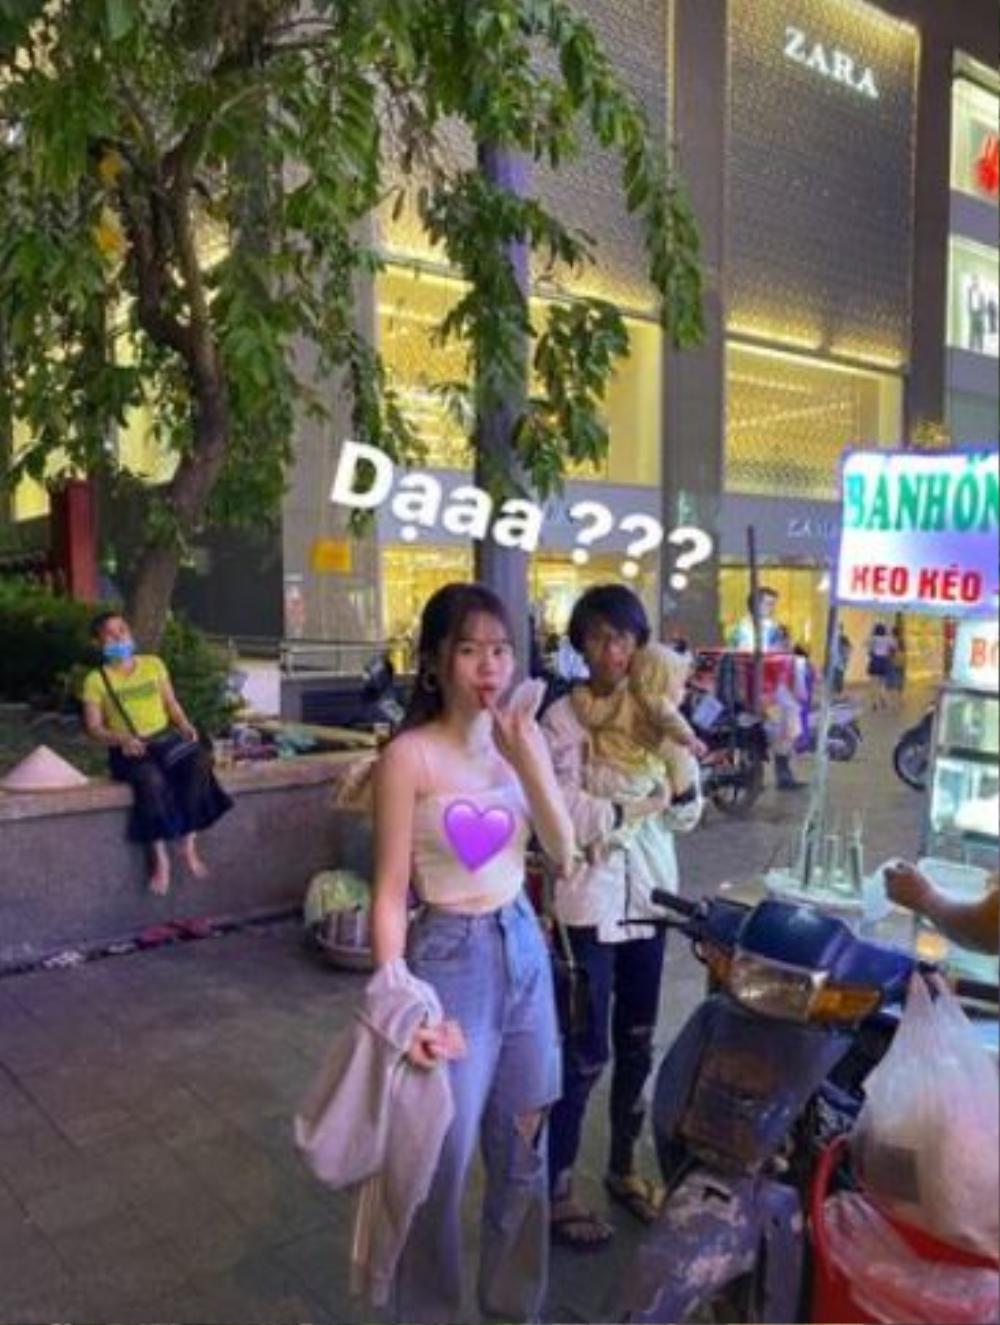 Dân mạng vẫn chưa 'buông tha' Huỳnh Anh sau 2 tháng chia tay Quang Hải Ảnh 4